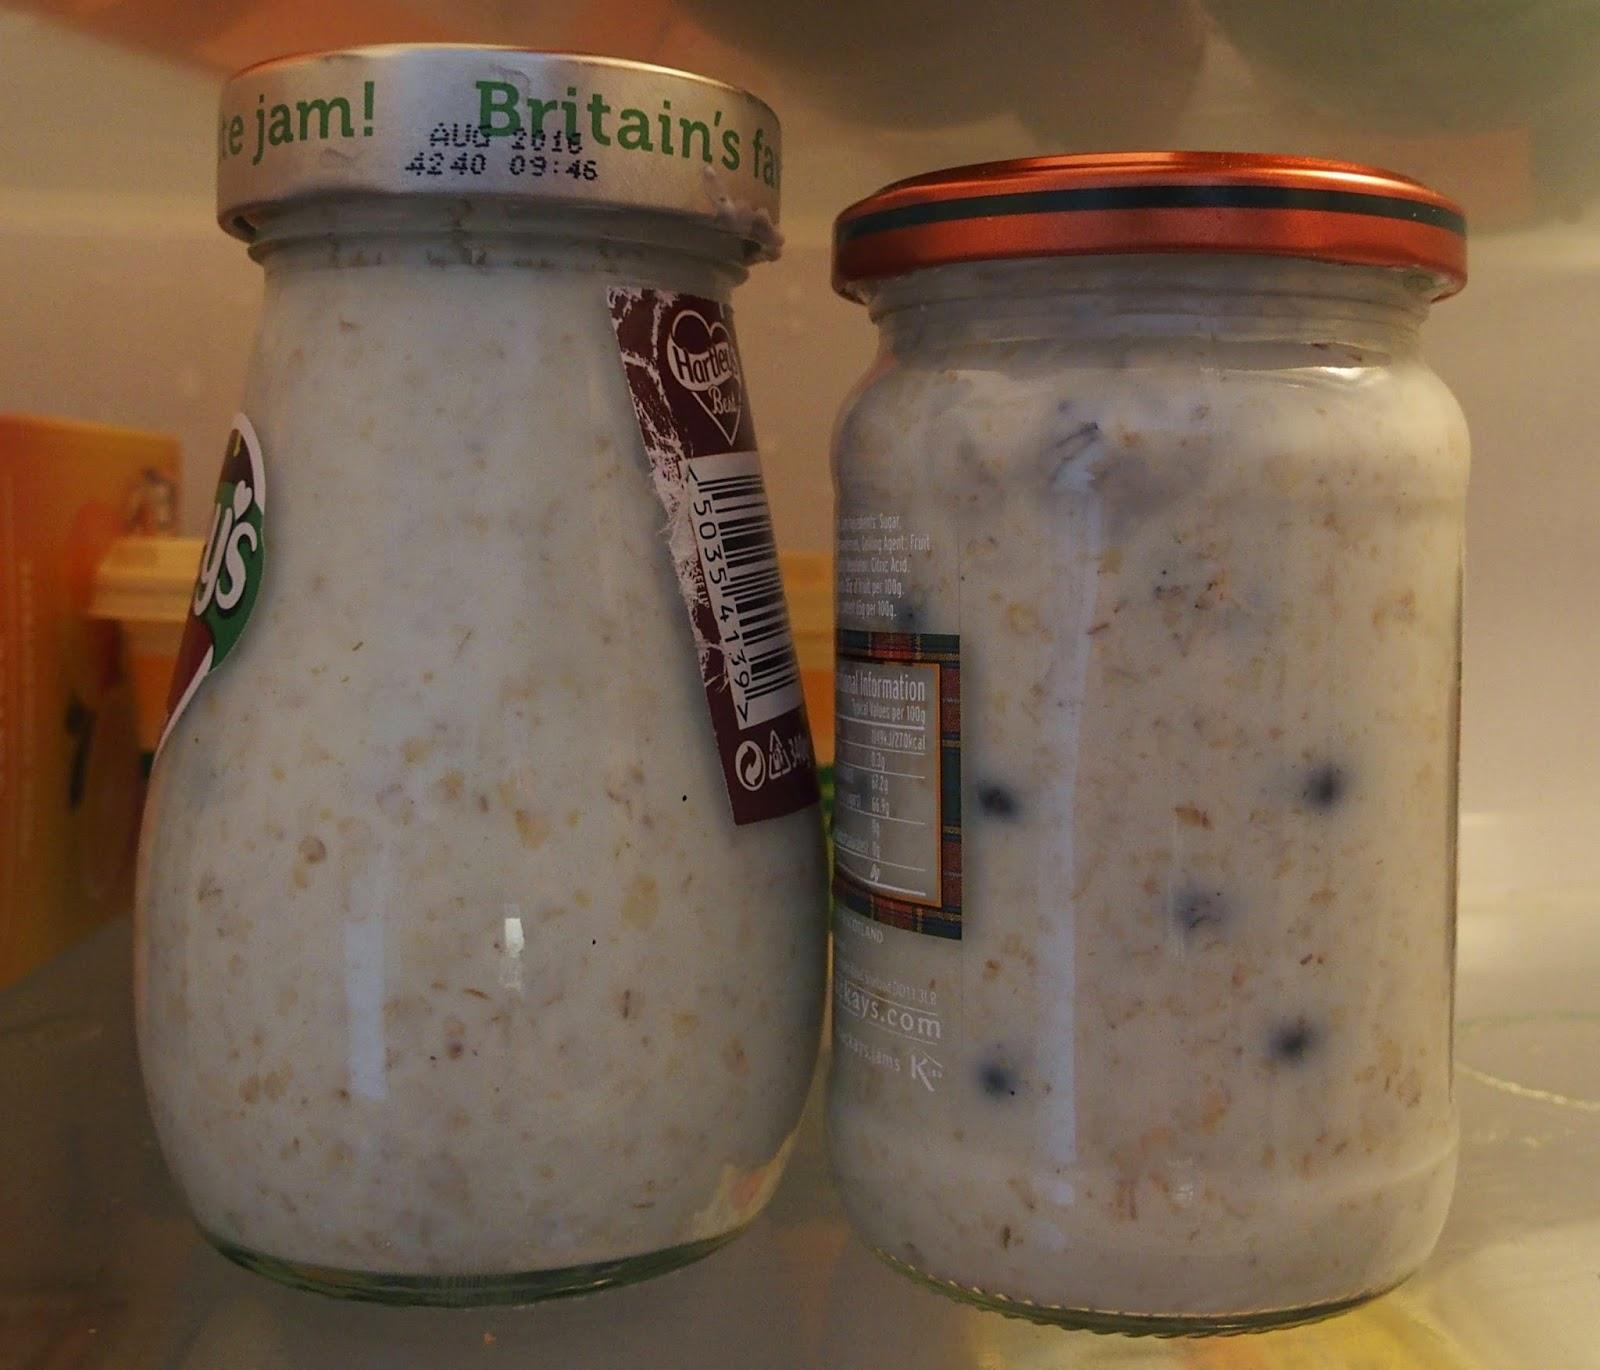 Breakfast porridge pots